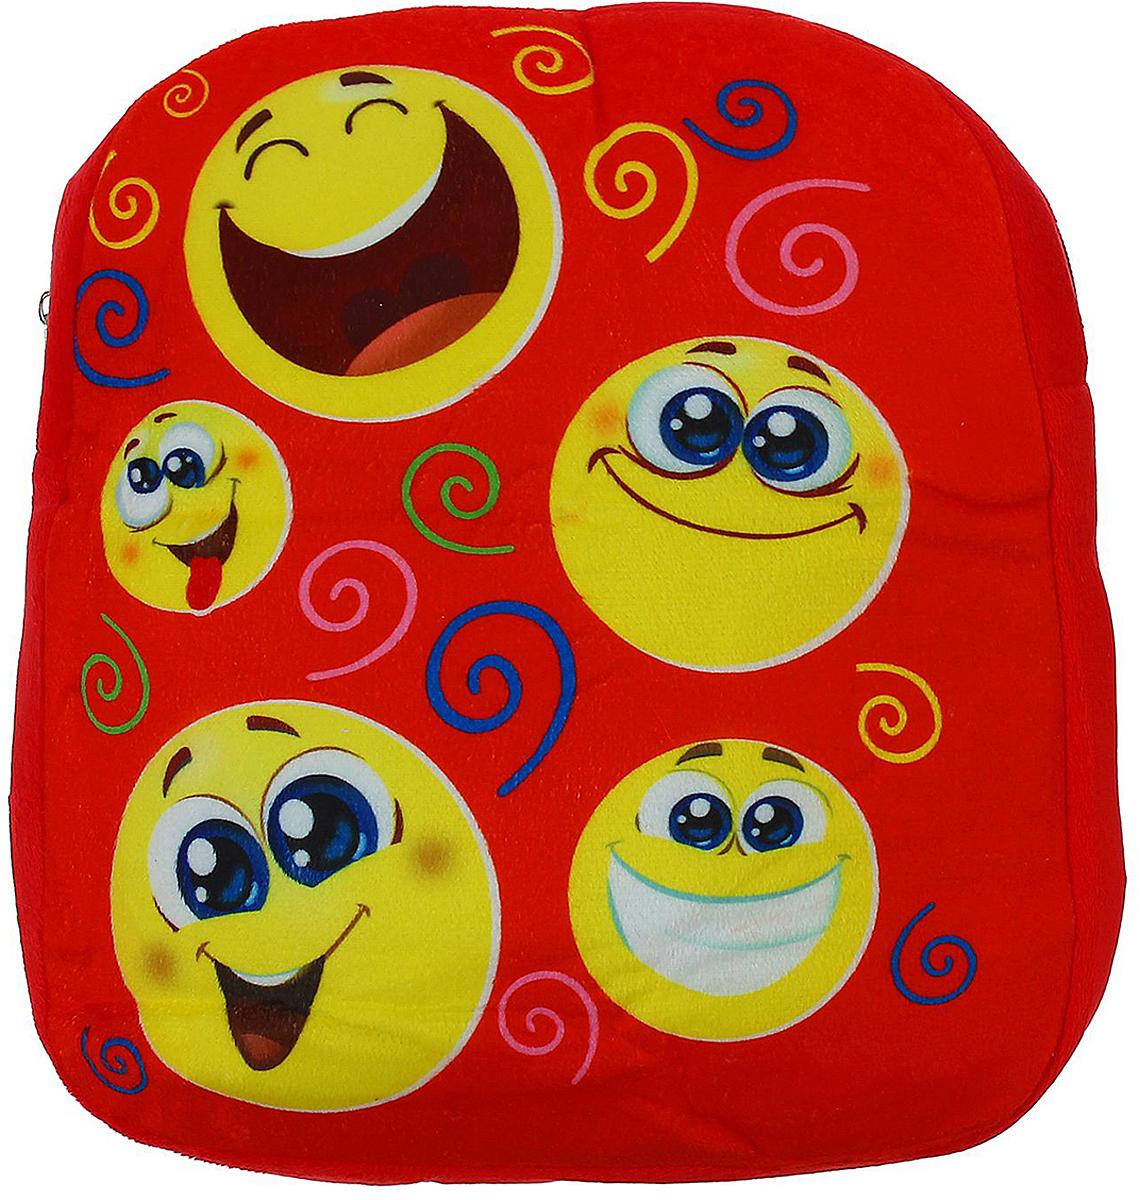 Страна Карнавалия Рюкзак дошкольный Веселые смайлики цвет: красный 1427056 фонарик бумажный страна карнавалия хочу найти свою любовь в форме сердца цвет красный